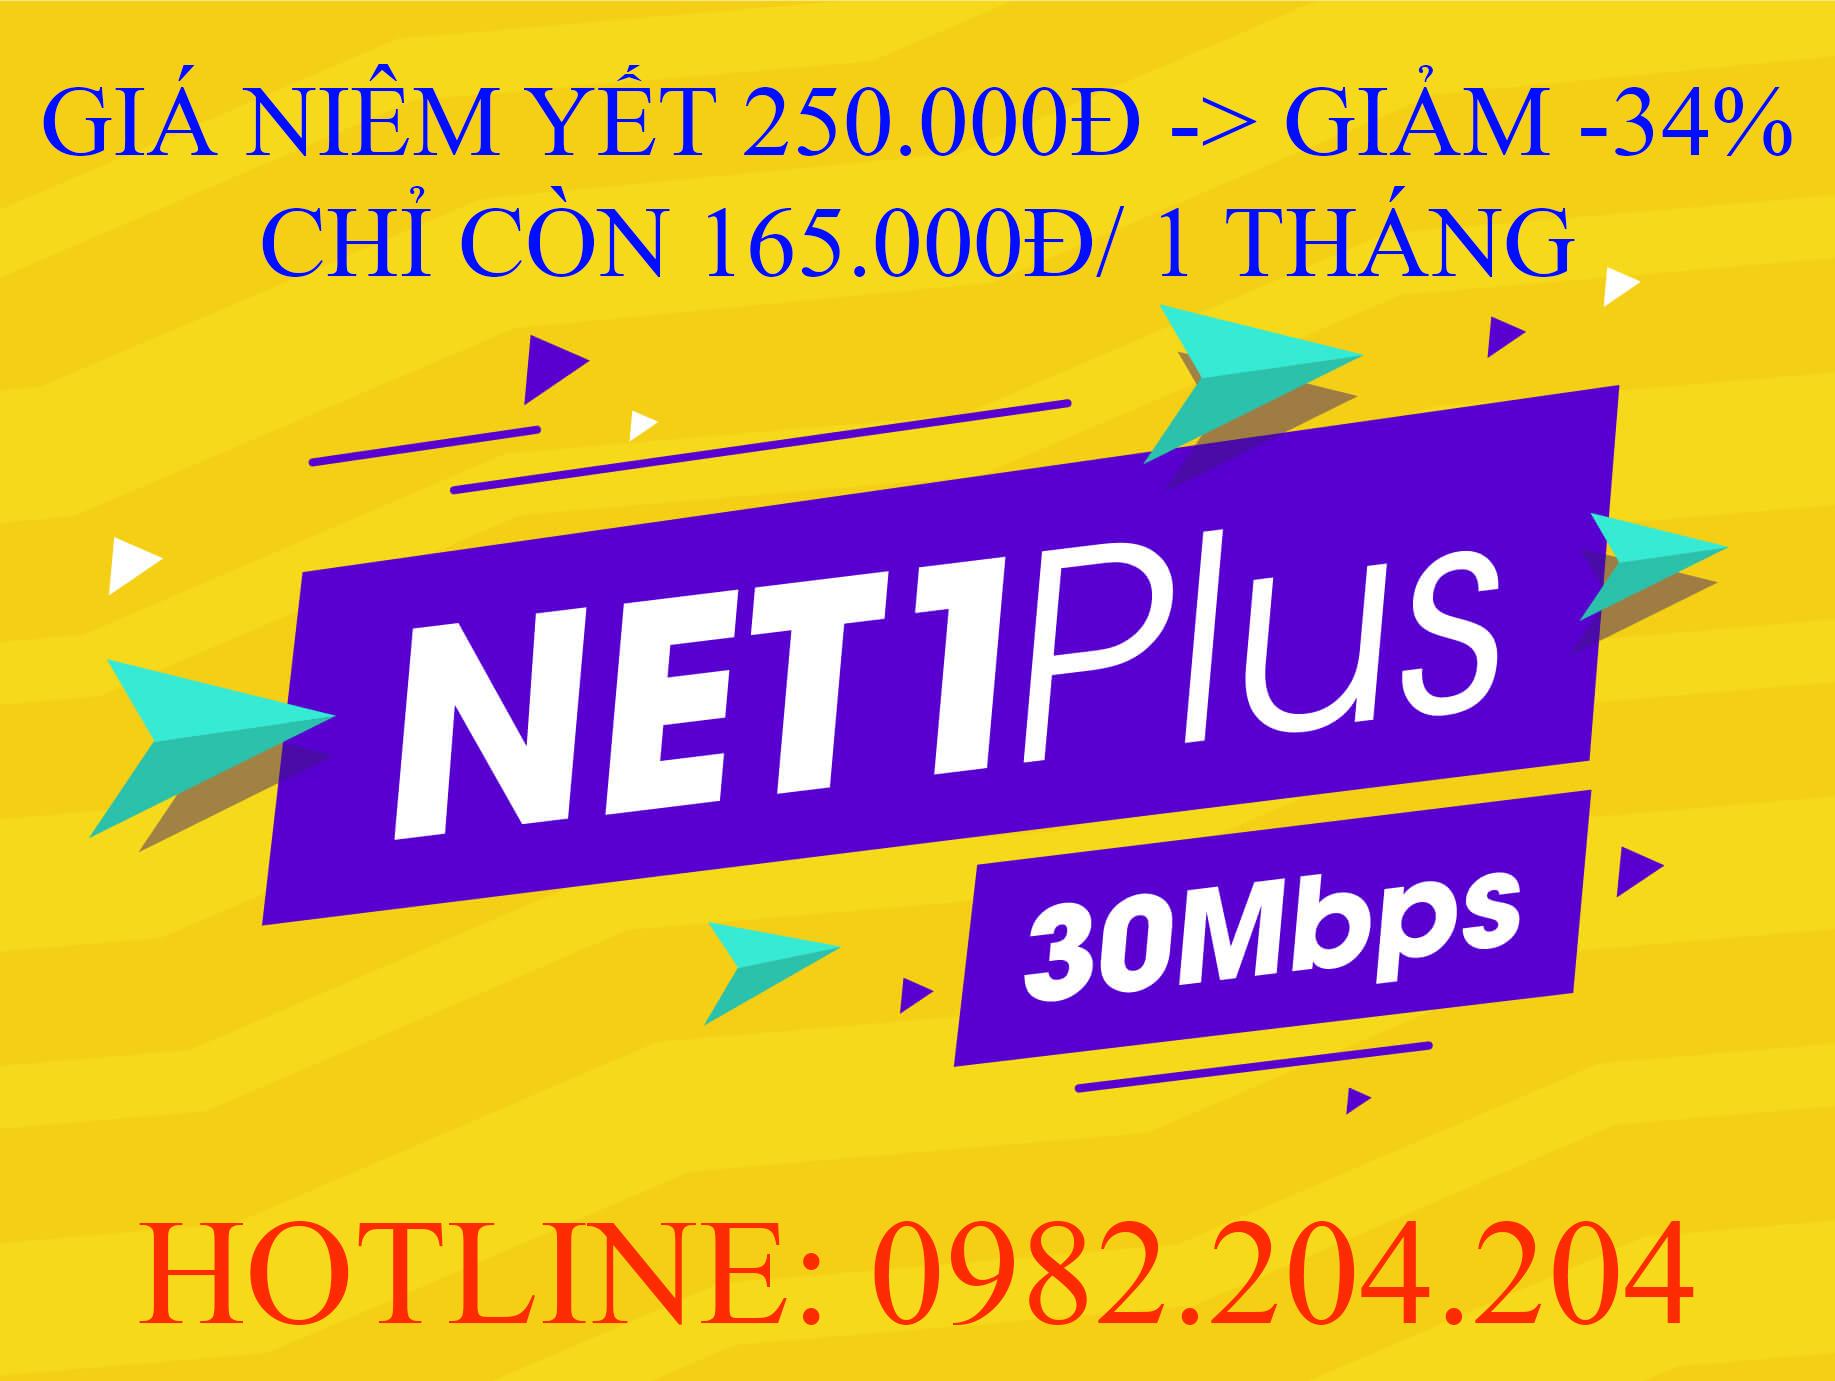 Đăng Ký Lắp Đặt Mạng Internet FTTH Cáp Quang Wifi Viettel Net 1 plus